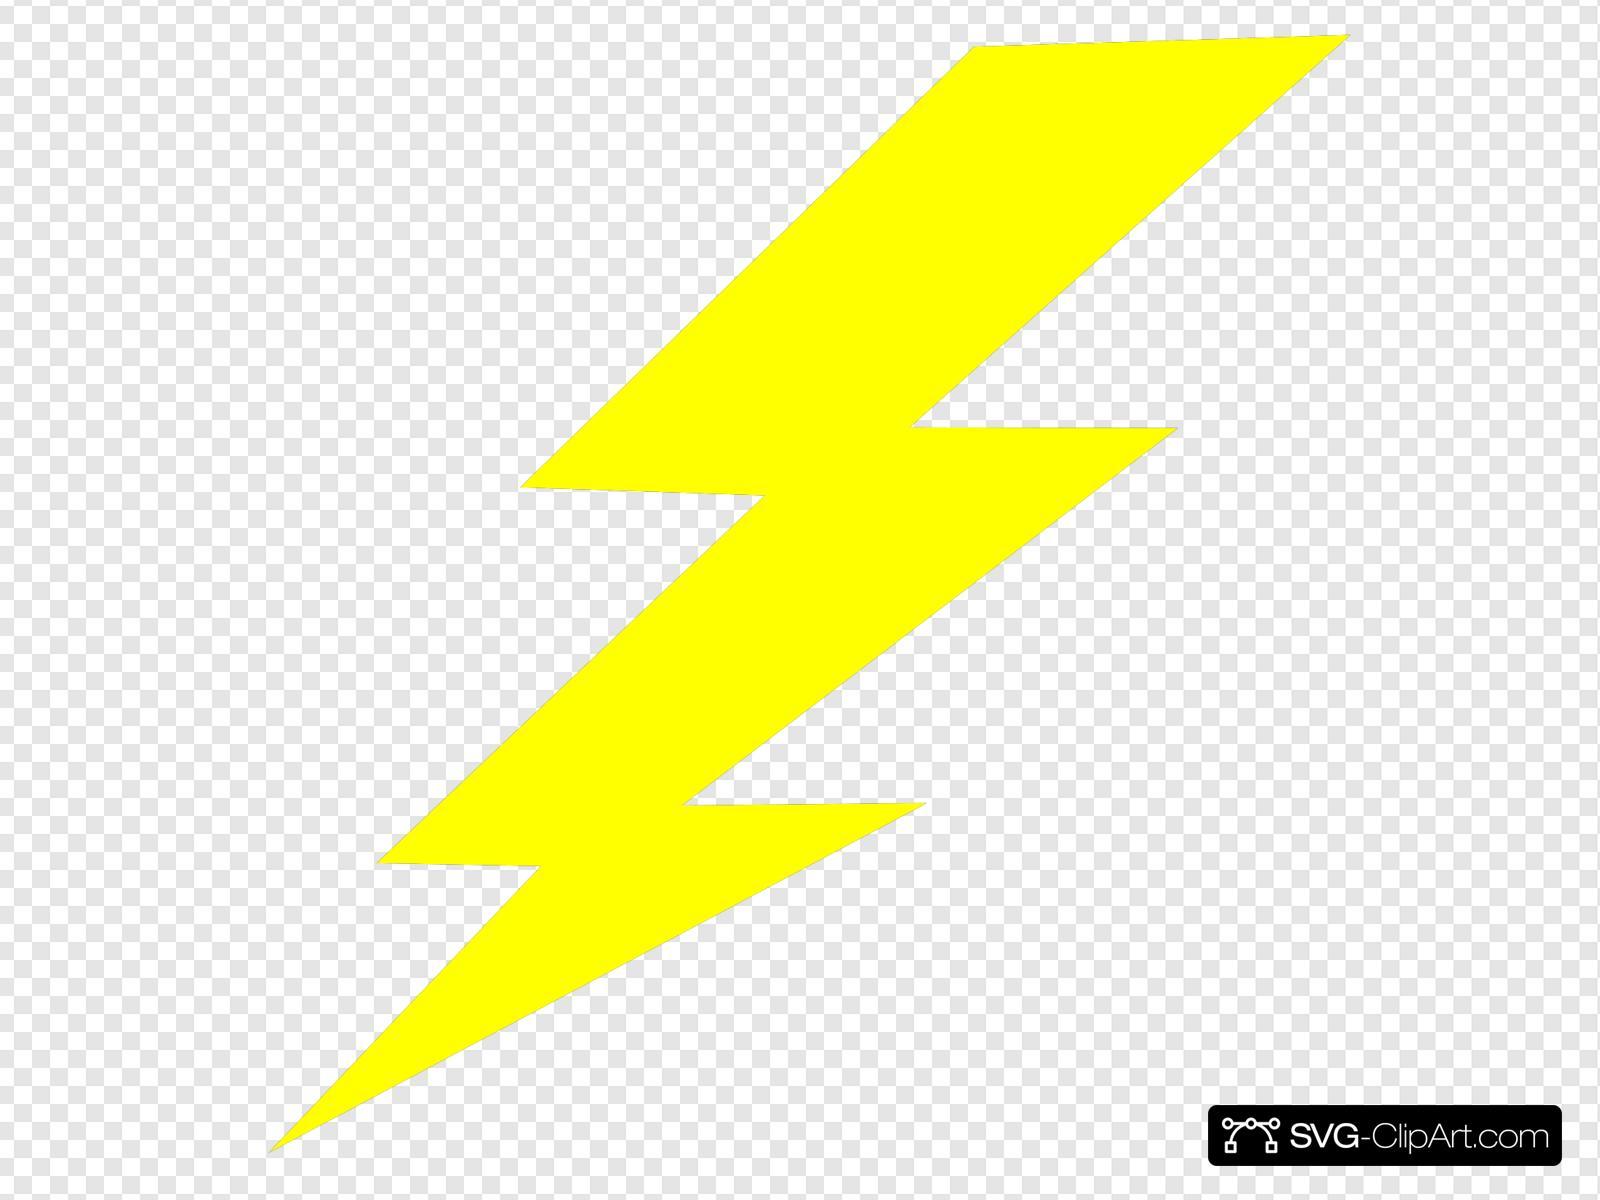 Blue Lightning Bolt Clipart - Lightning Bolt Clipart PNG Image    Transparent PNG Free Download on SeekPNG